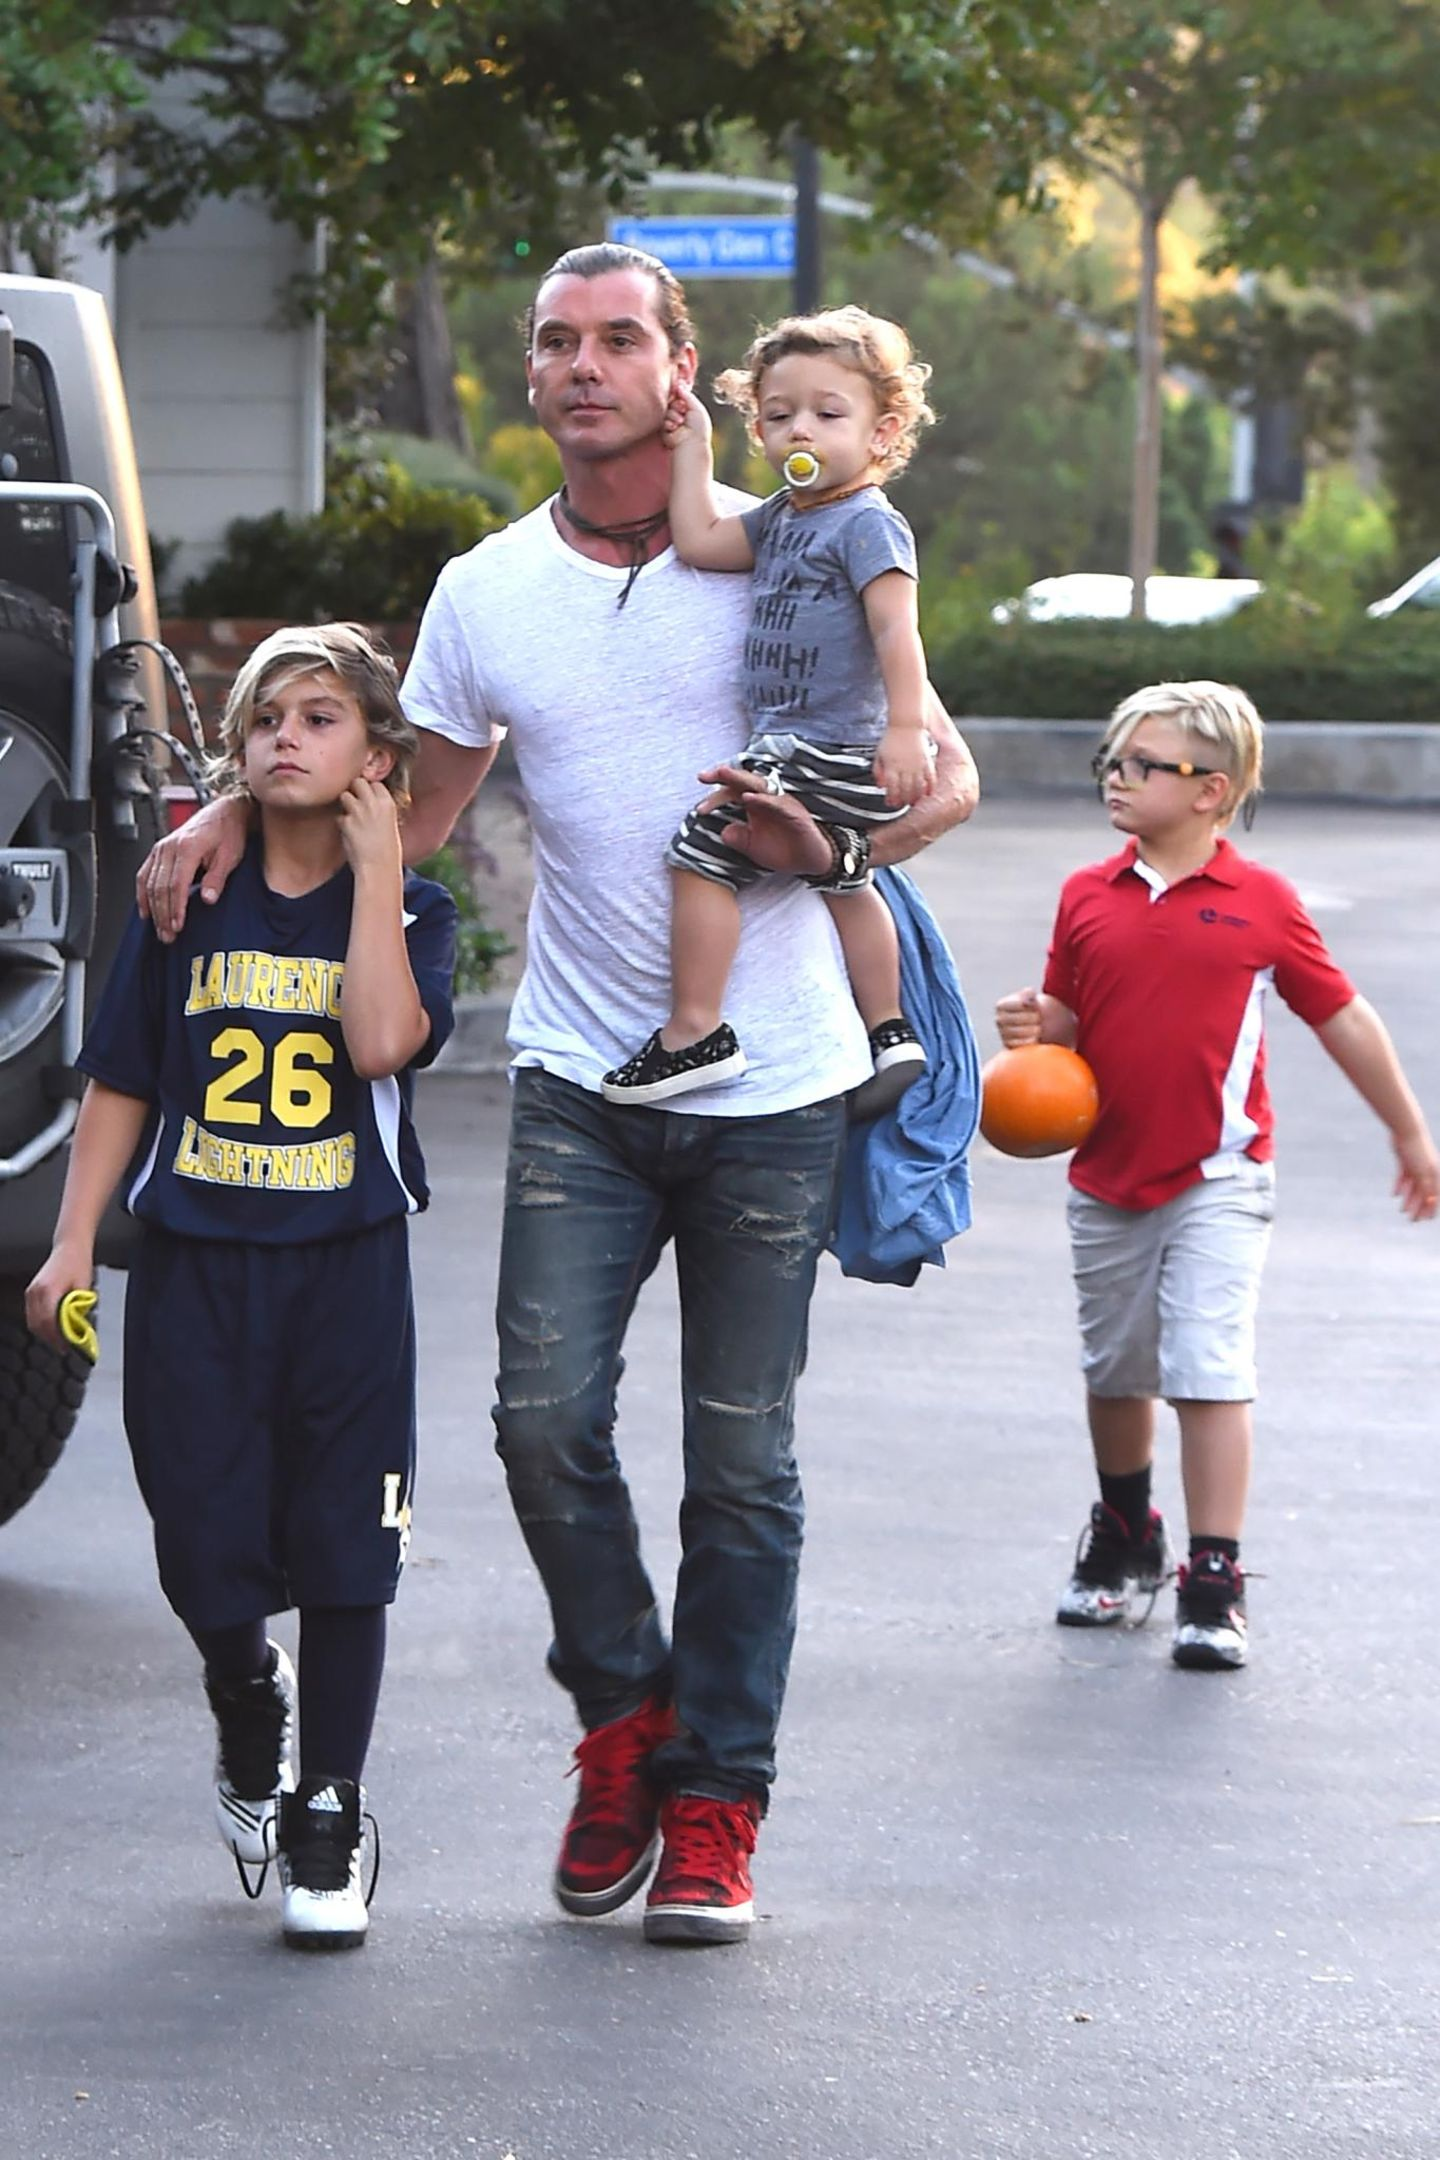 1. Oktober 2015  Männerausflug: Gavin Rossdale ist mit seinen Jungs auf dem Weg zu einem Restaurant in Bel Air.